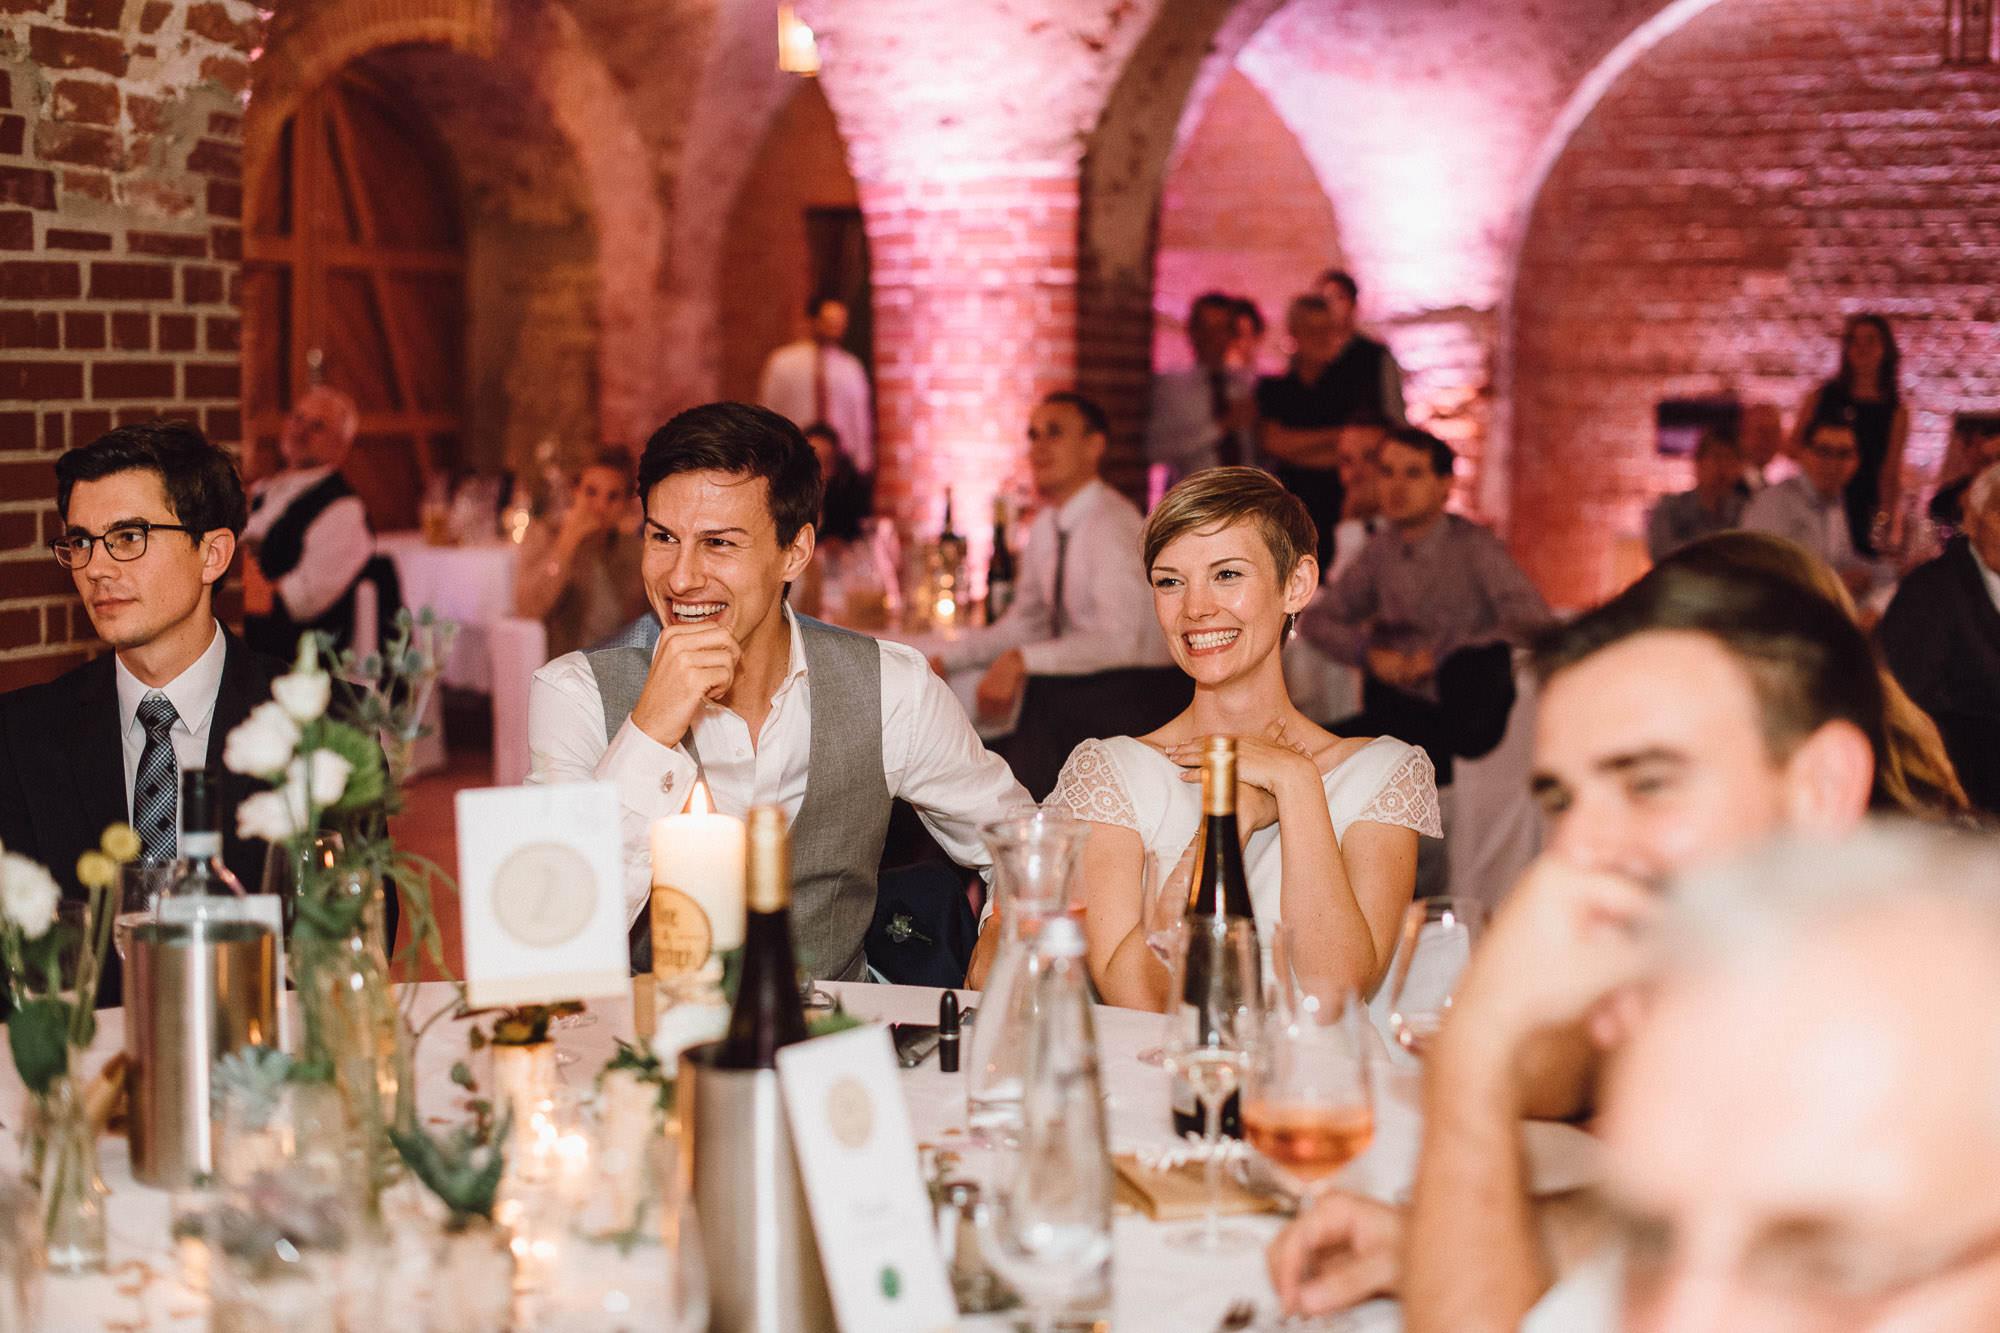 greenery-wedding-hochzeit-prielhof-sukkulenten-scheyern-lauraelenaphotography-108